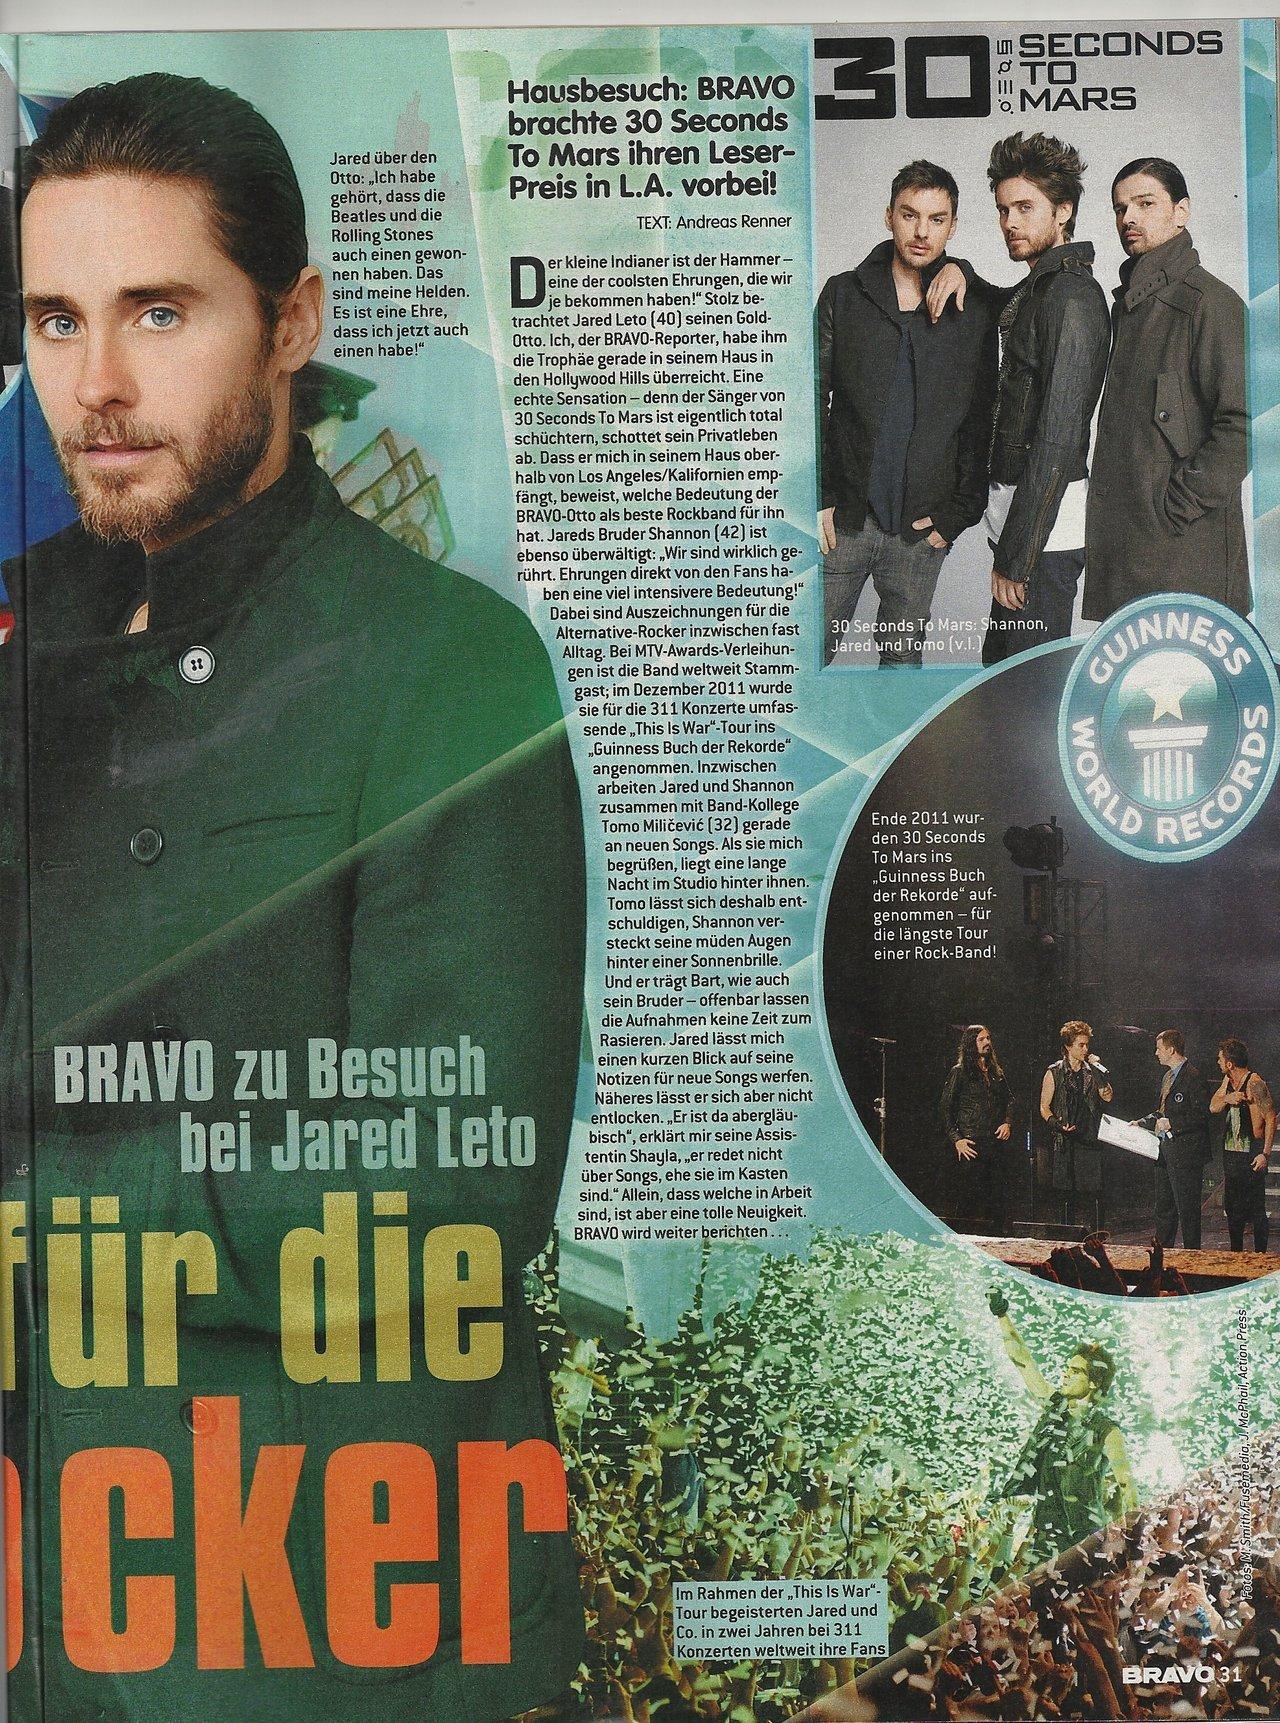 27 juin 2012 - Bravo magazine rend visite à Jared Leto, dans sa maison à LA Tumblr_m6aj6gCiUy1qc5nplo2_1280